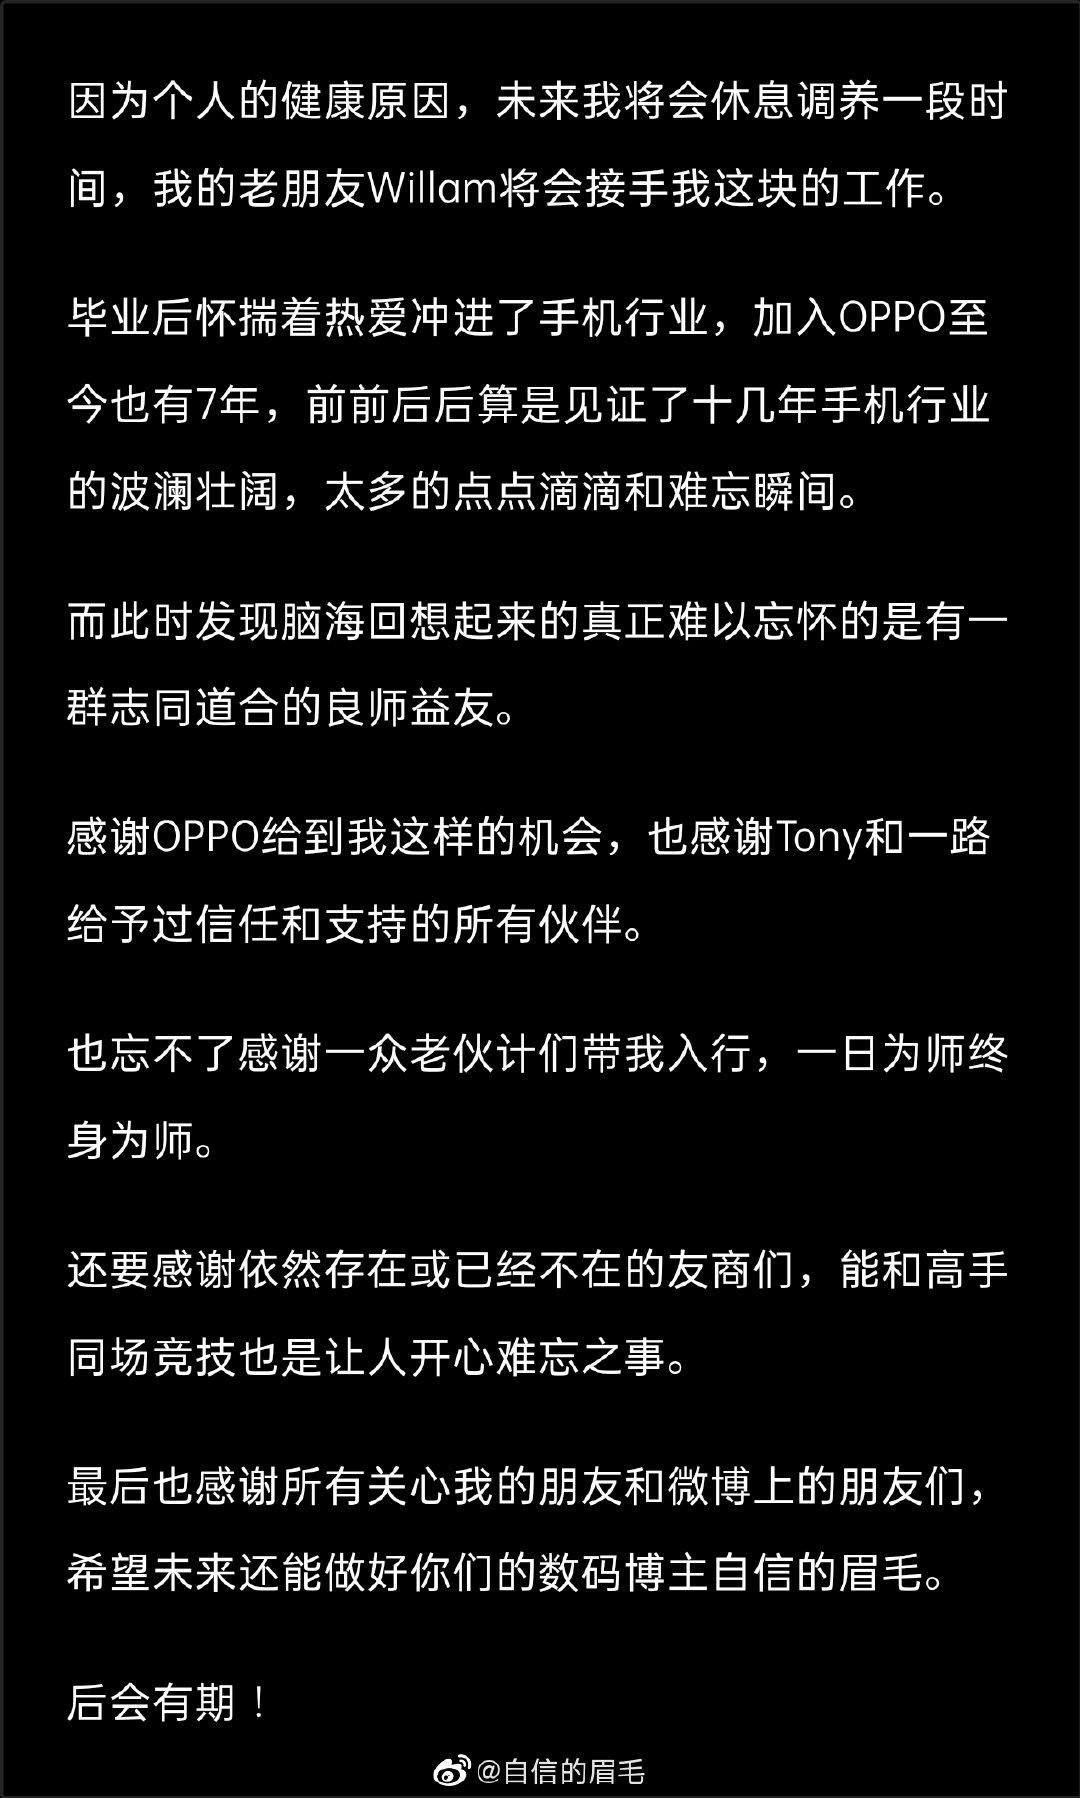 沈义人卸任OPPO全球营销总裁 刘列接替